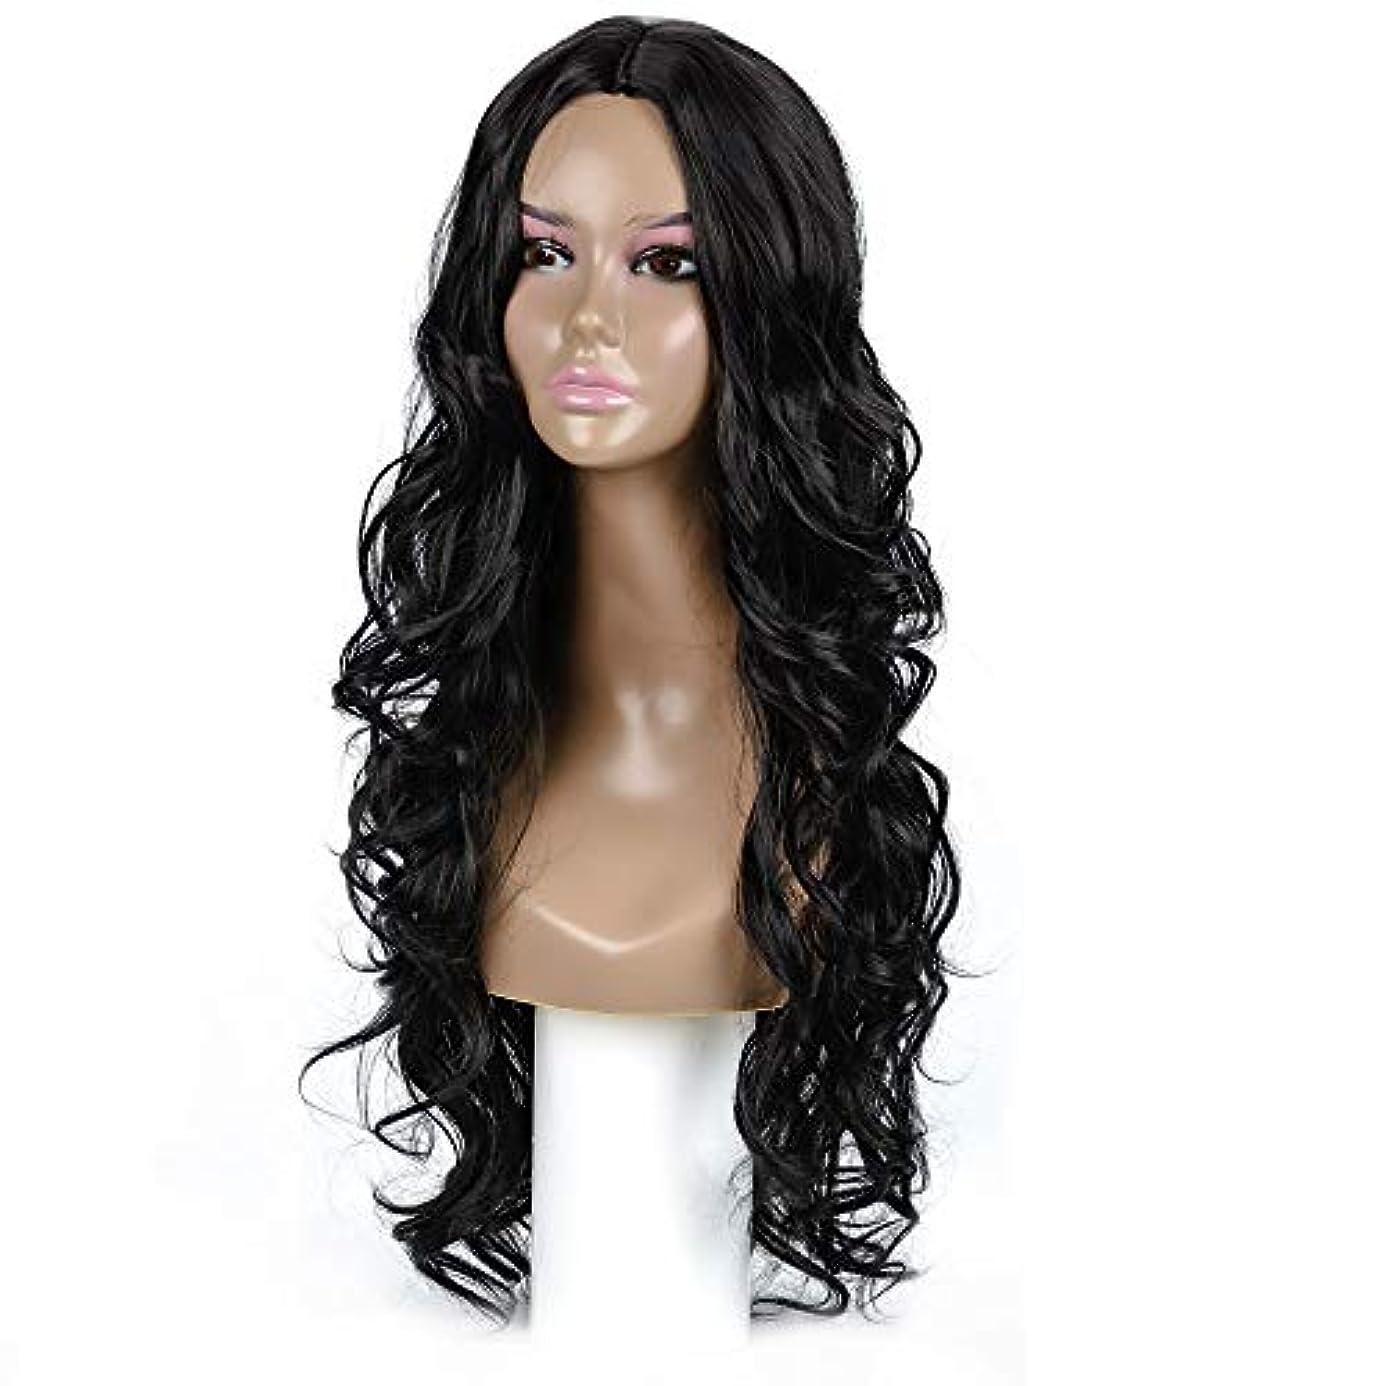 信頼残りめんどり女性のナチュラルブラックロングカーリーウェーブのかかった髪かつら24インチの人工毛の交換かつらハロウィンコスプレ衣装アニメパーティーファッションかつら